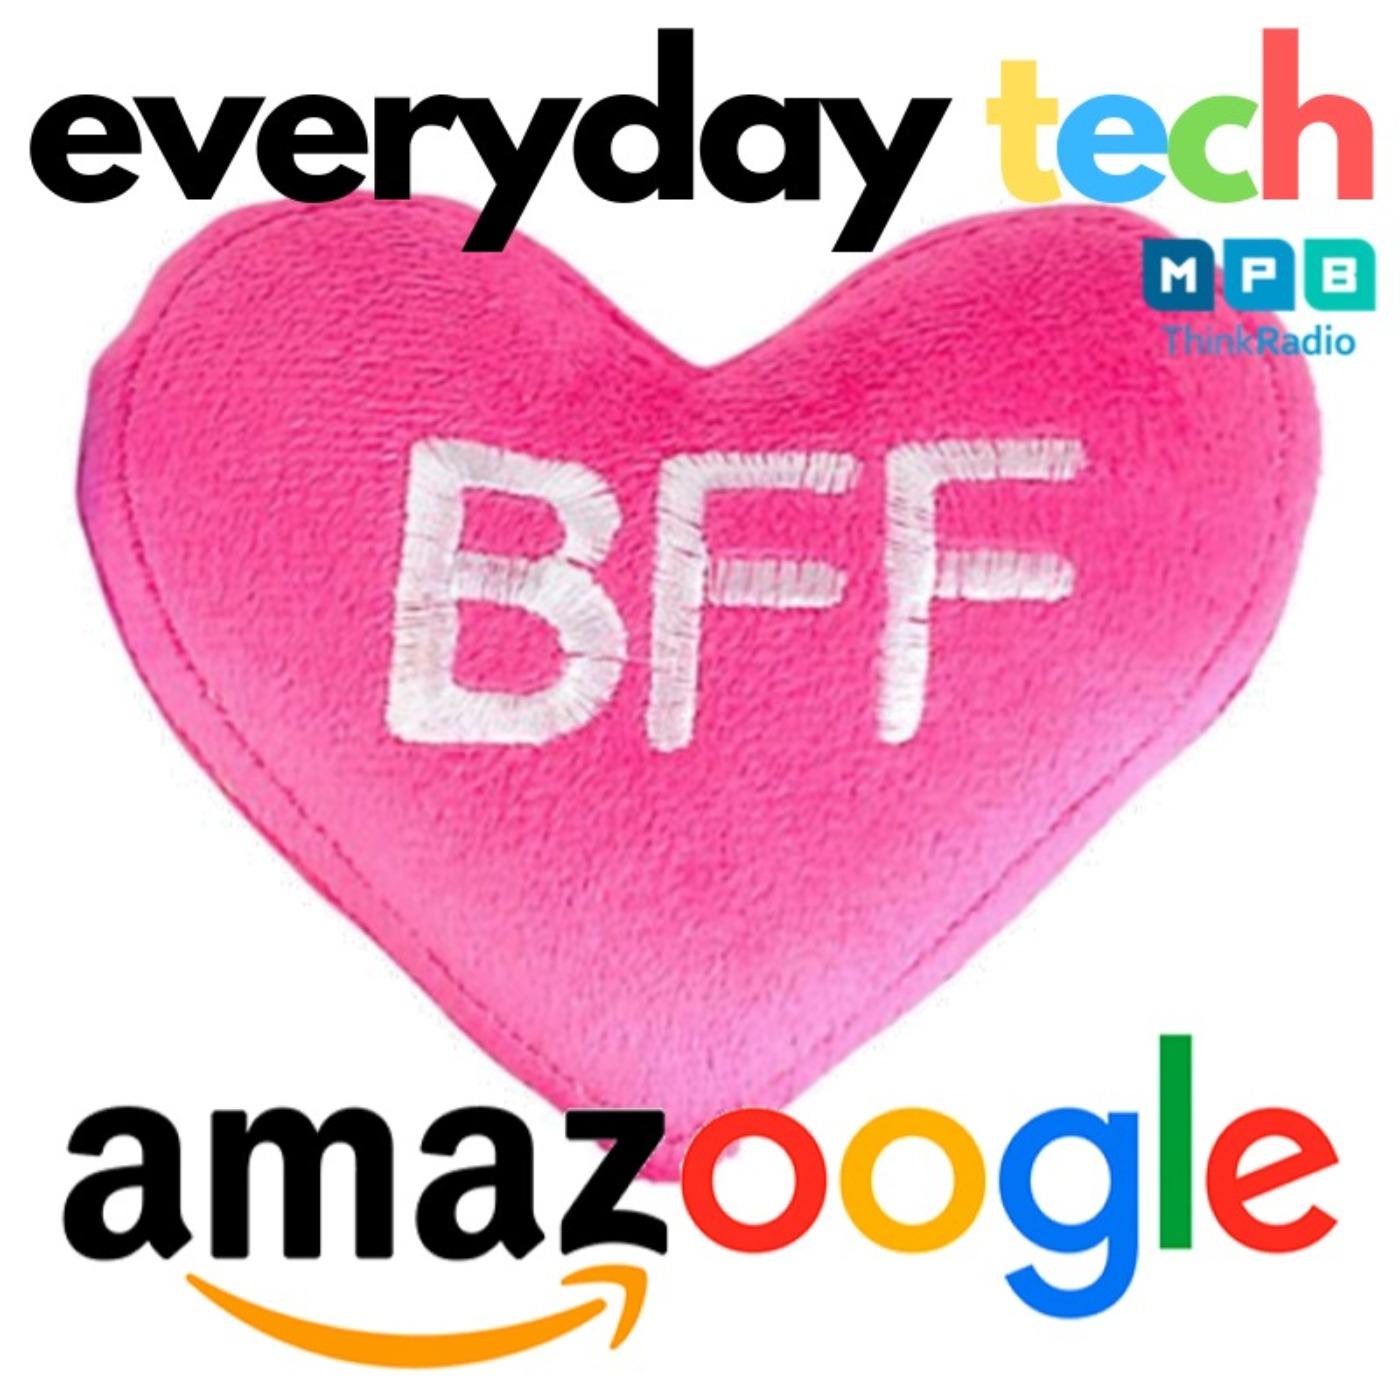 #SoInLove!!! Amazon + Google = <3 <3 <3